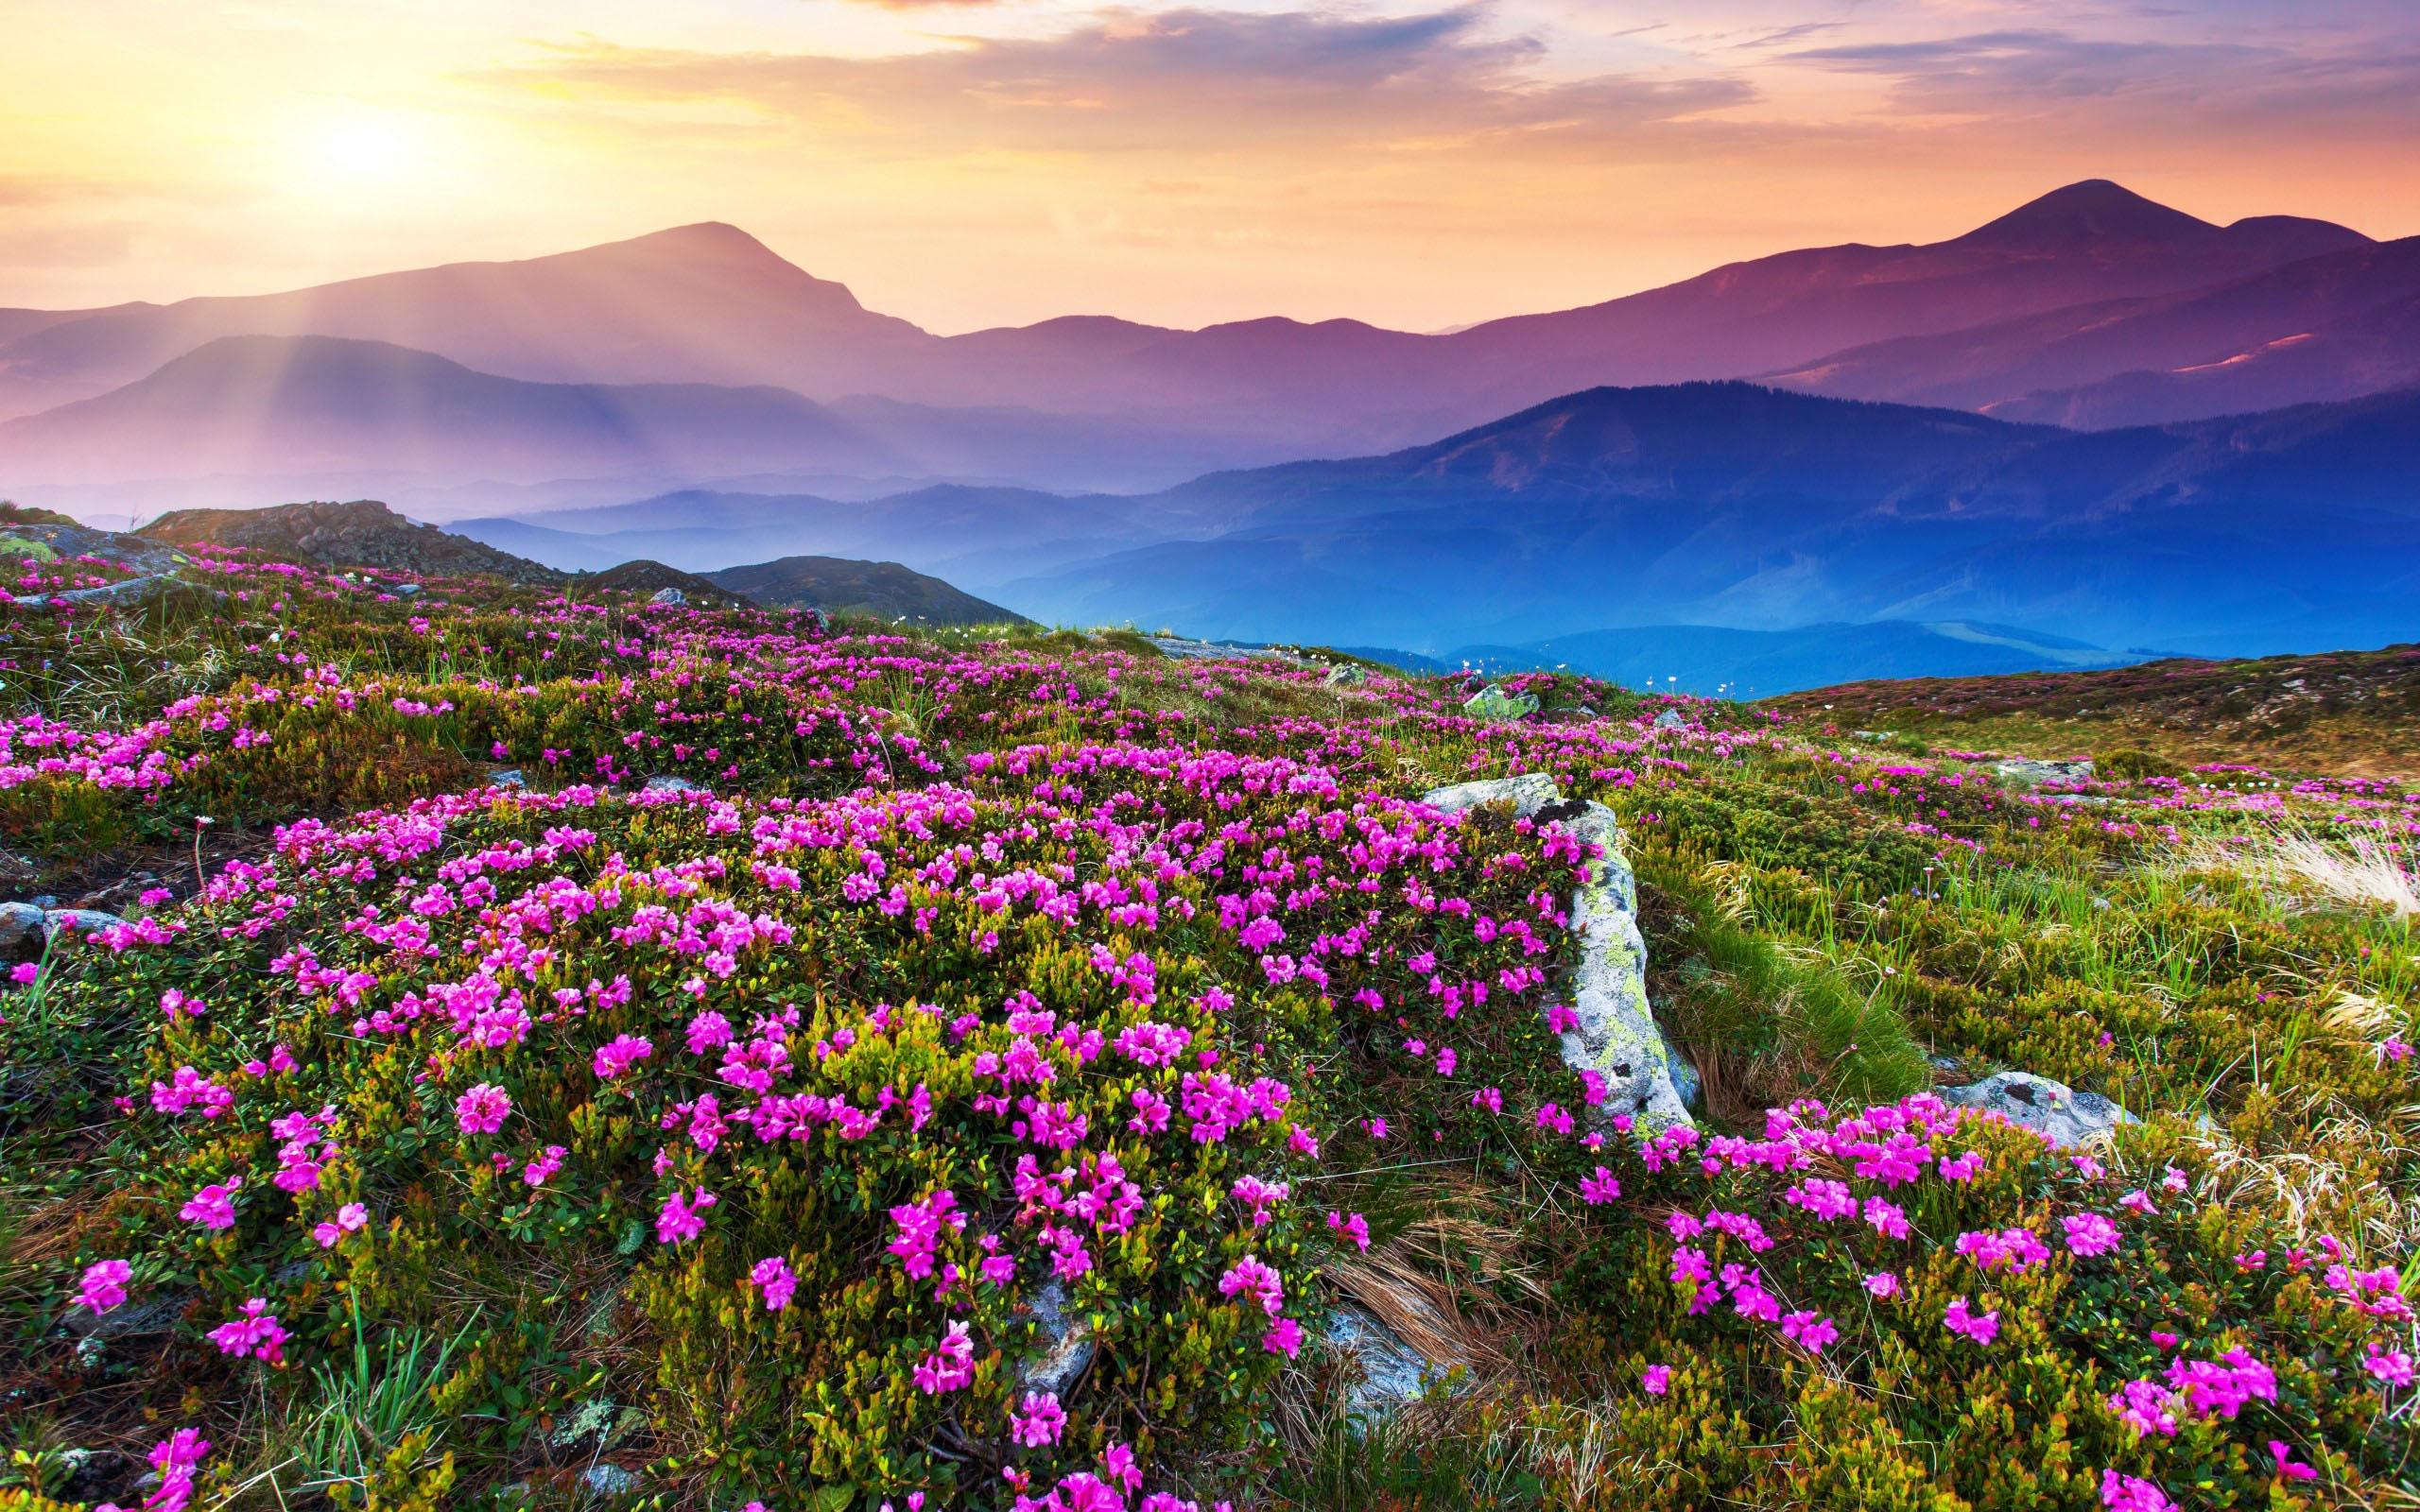 помолвке цветущие горы картинка зал